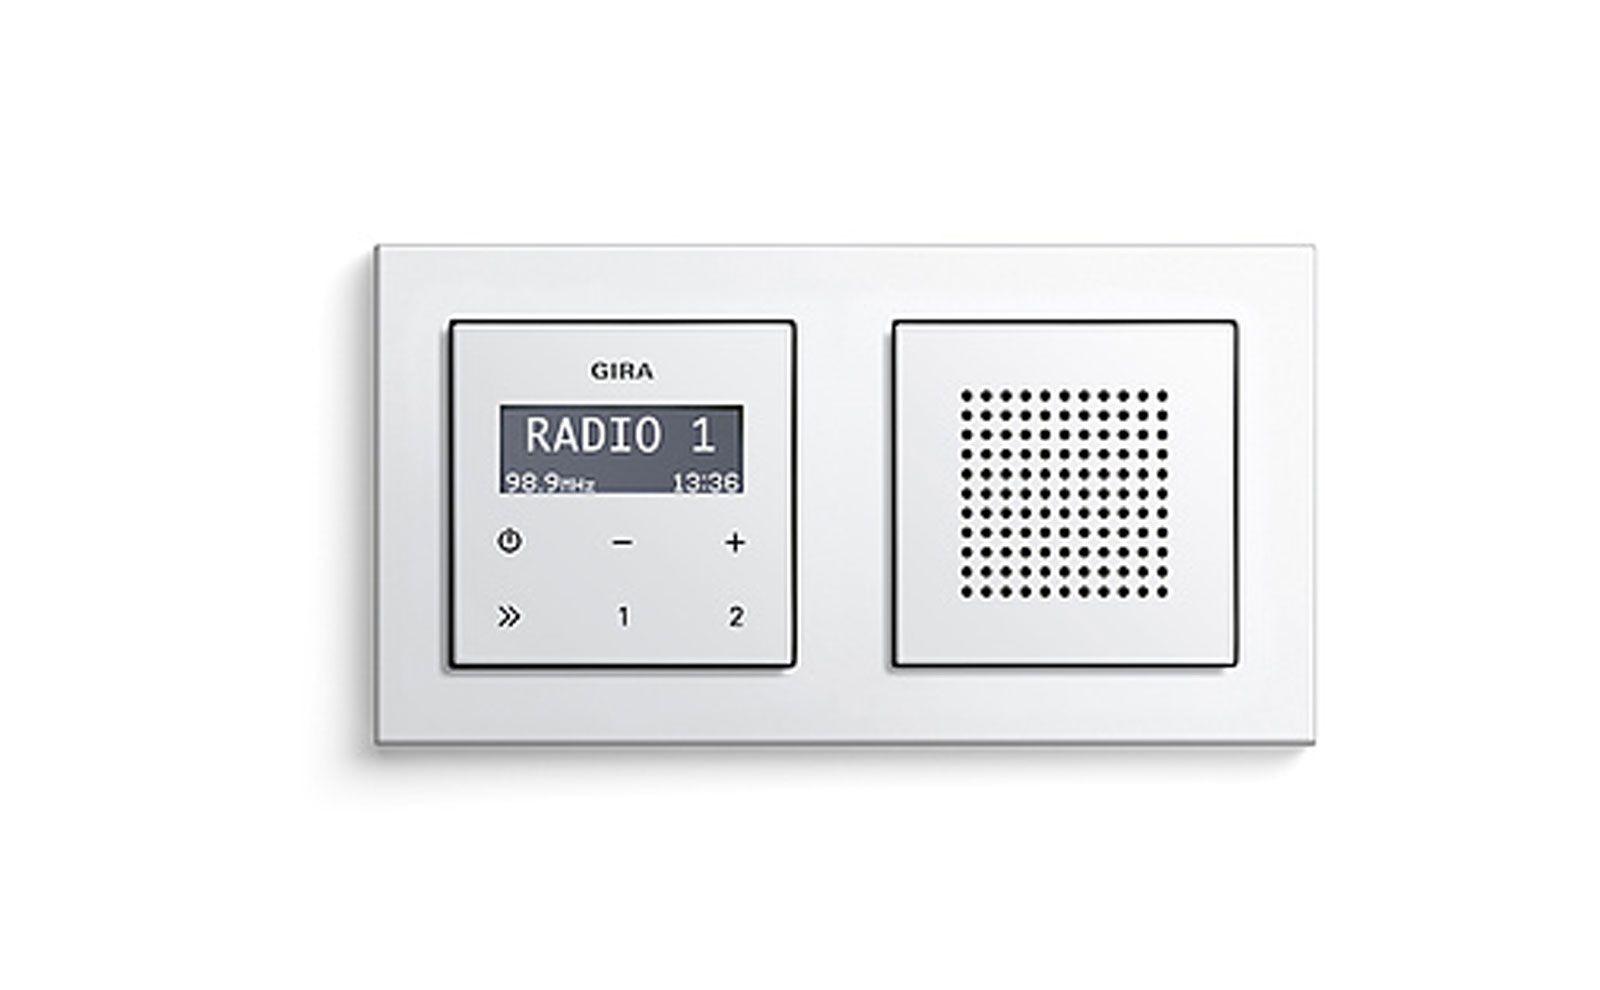 gira-radio_19396_1558347949.jpg